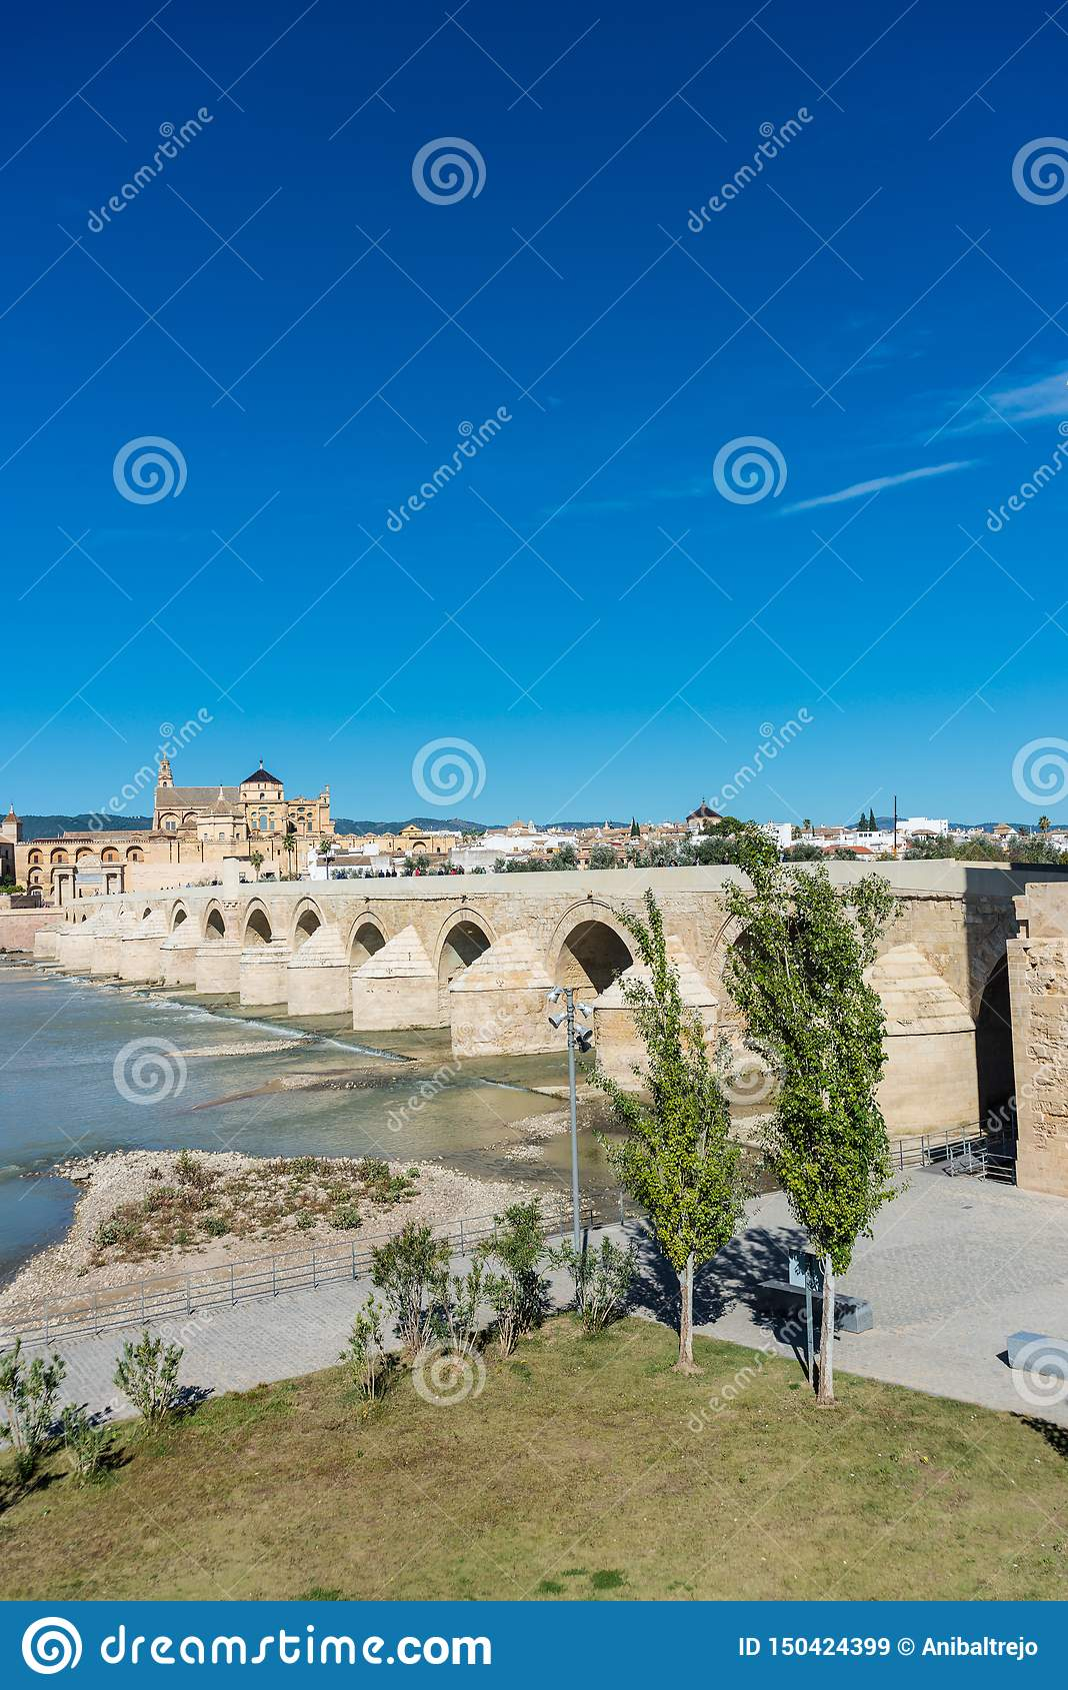 Roman bridge in Cordoba, Andalusia, southern Spain